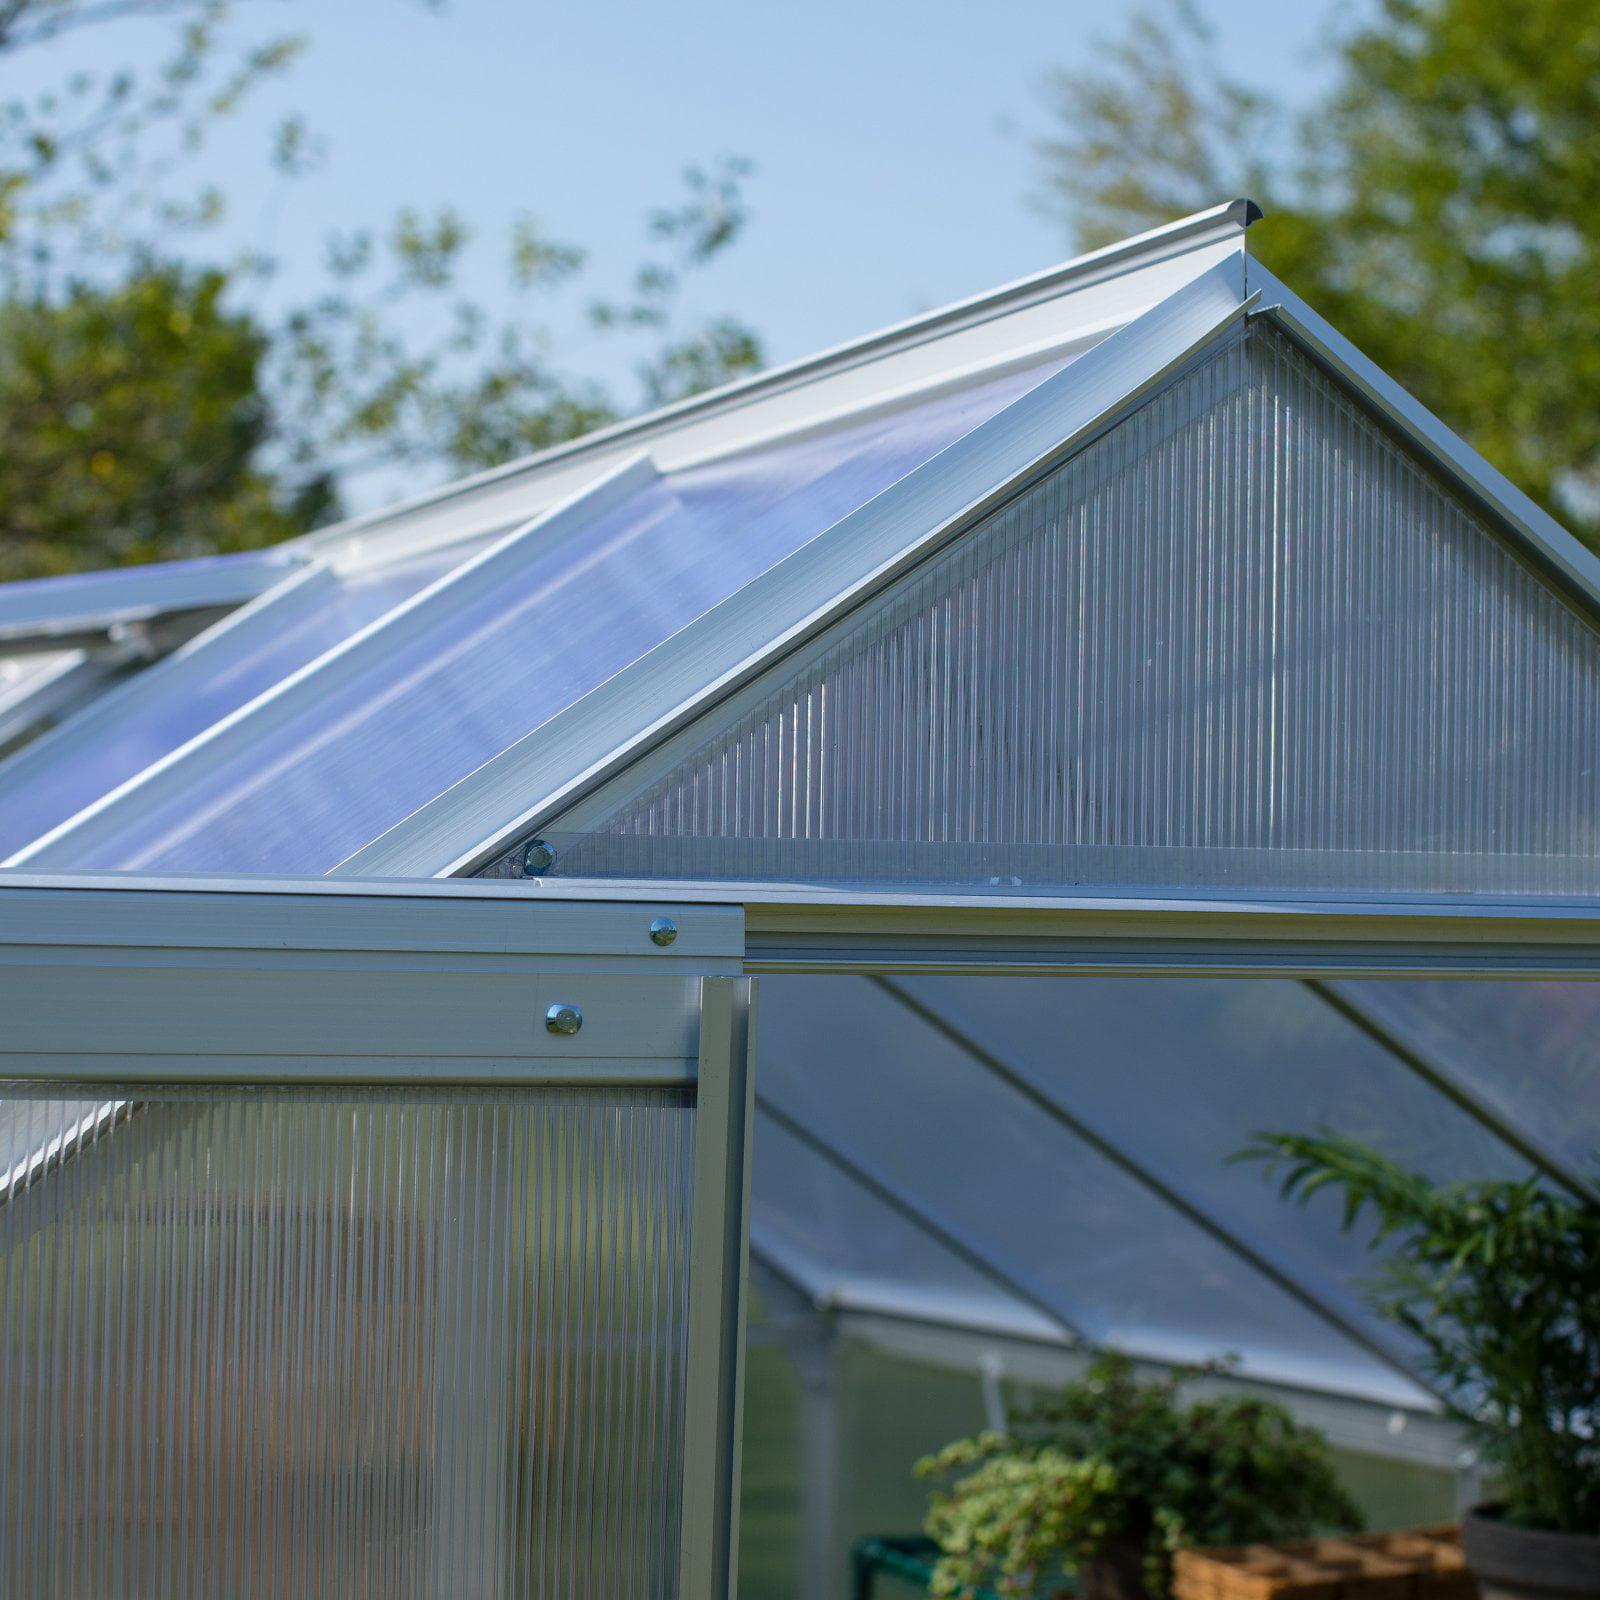 Belham Living Covina 6 x 8 ft. Polycarbonate Greenhouse - Walmart.com